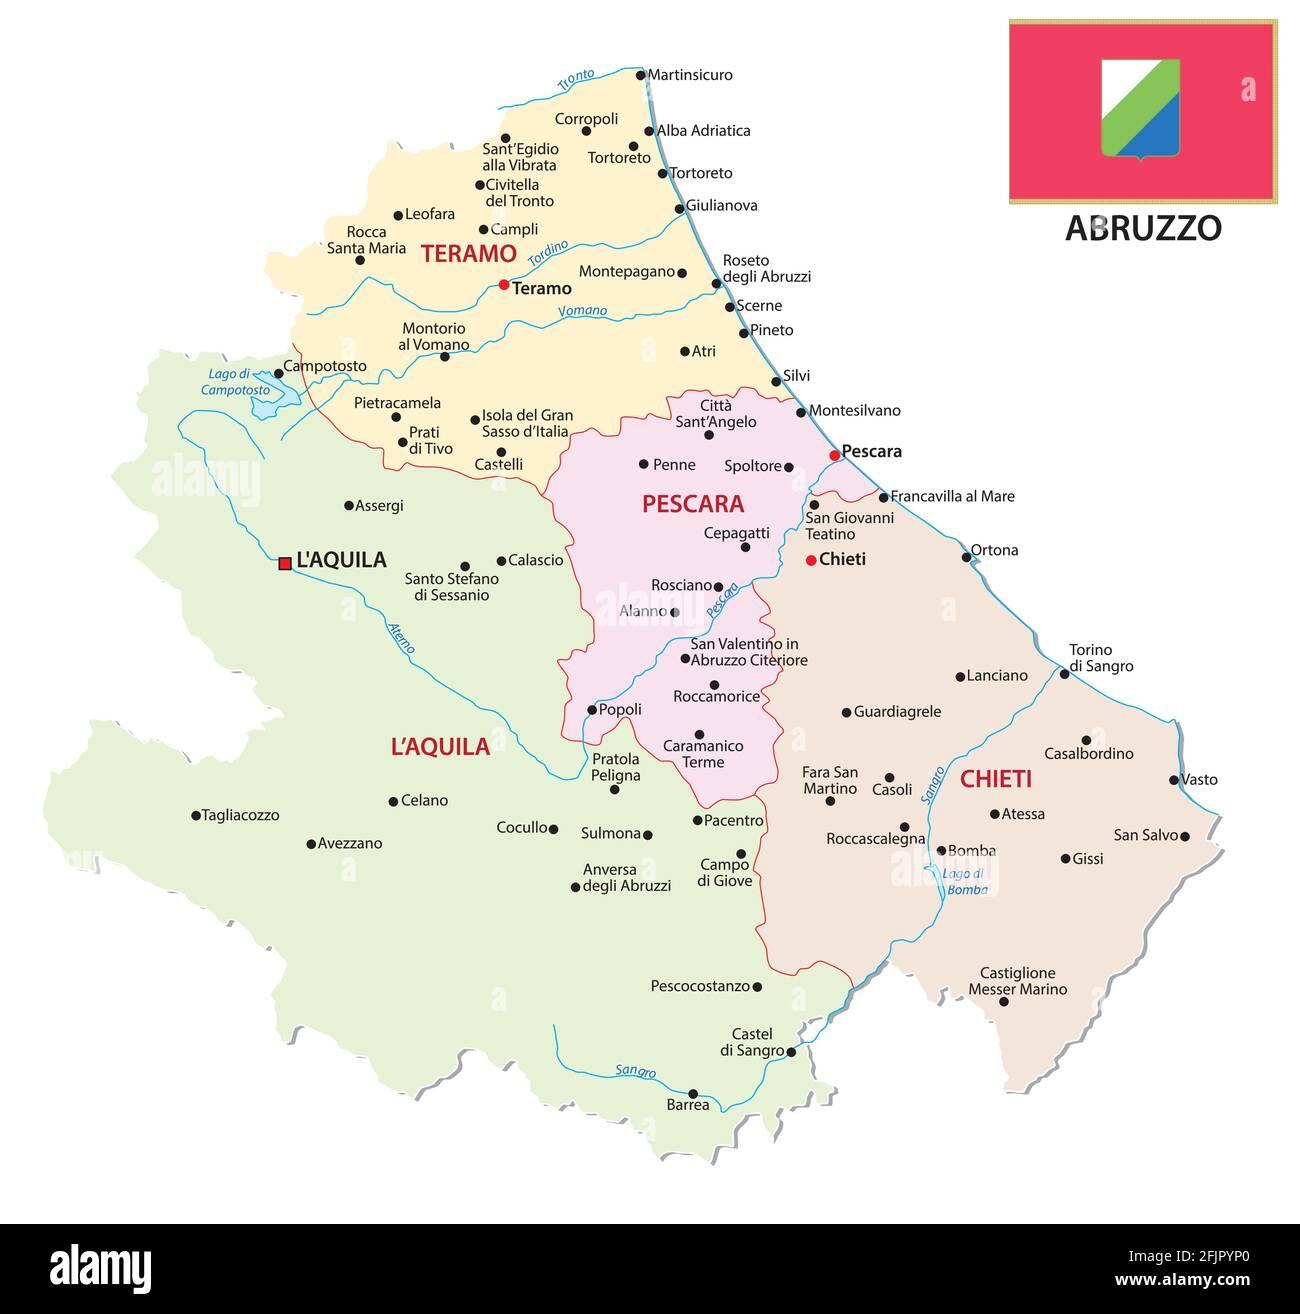 Cartina Abruzzo Umbria.Abruzzo Mappa Vettoriale Immagini E Fotos Stock Alamy